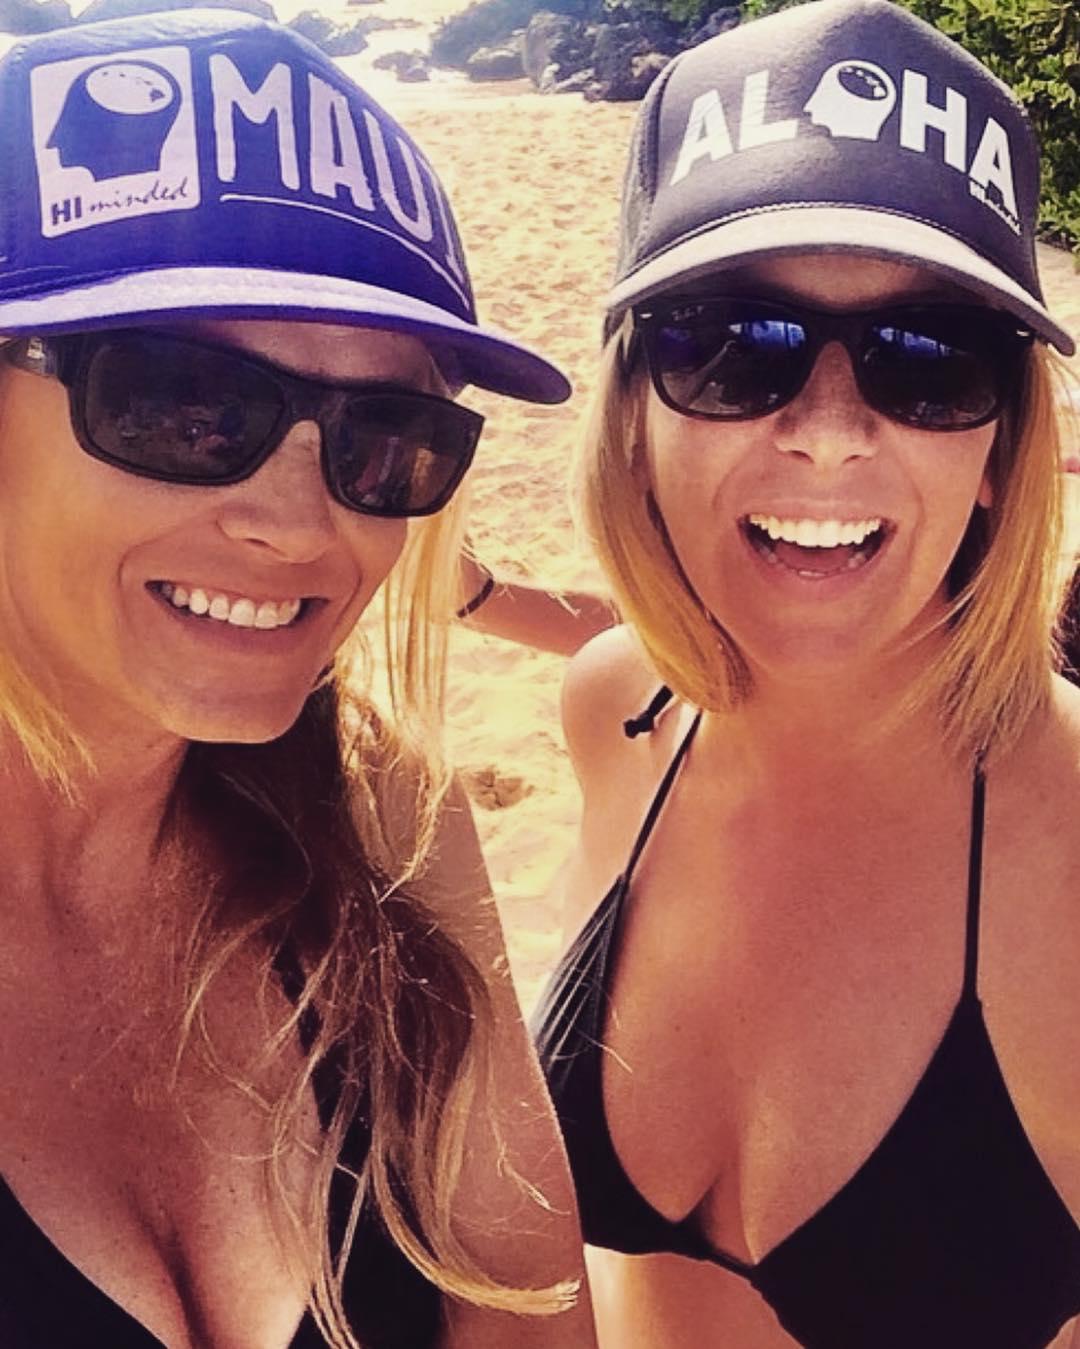 Maui Livin... #himinded #truckerhat #surfcompany #hawaii #maui #surfing #surf #beachbabes #beach #bikini #surfergirl #kauai #oahu #bigisland #aloha